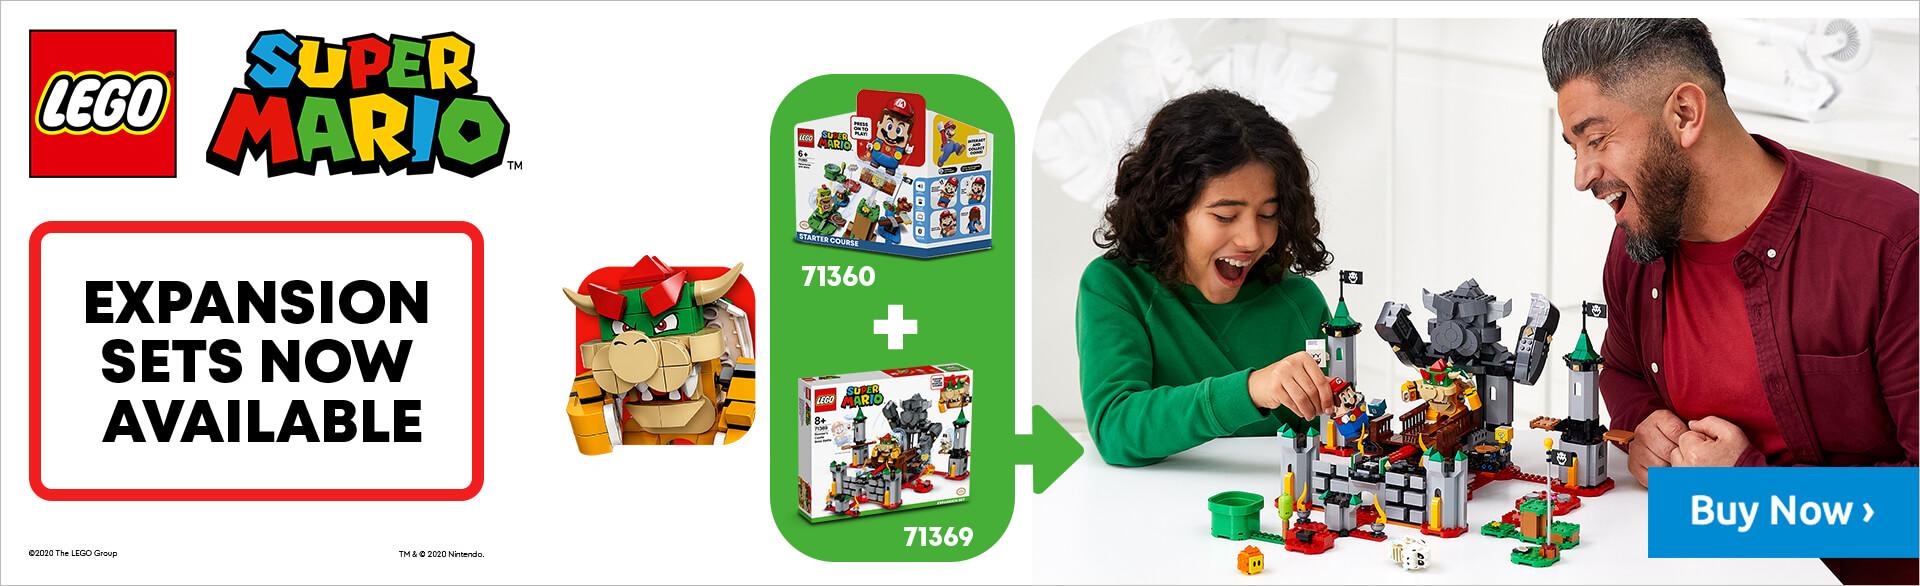 LEGO: SUPER MARIO